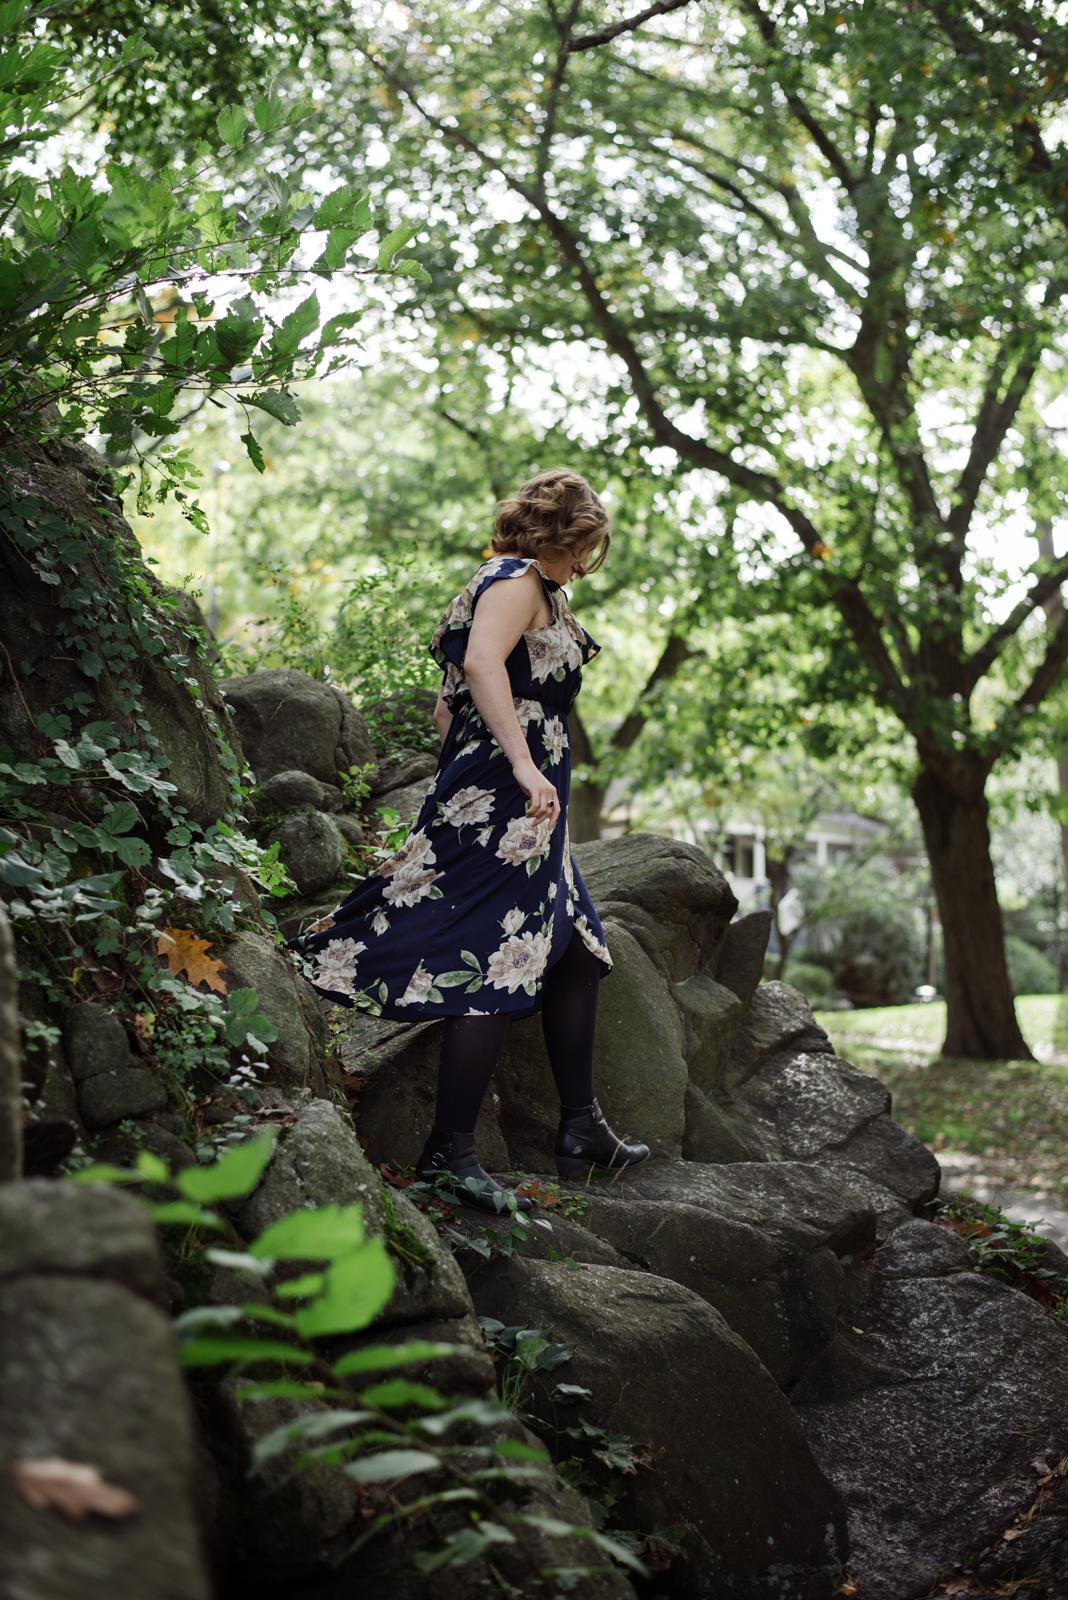 10142018-AbbyBowling-JuliaLuckettPhotography-47.jpg